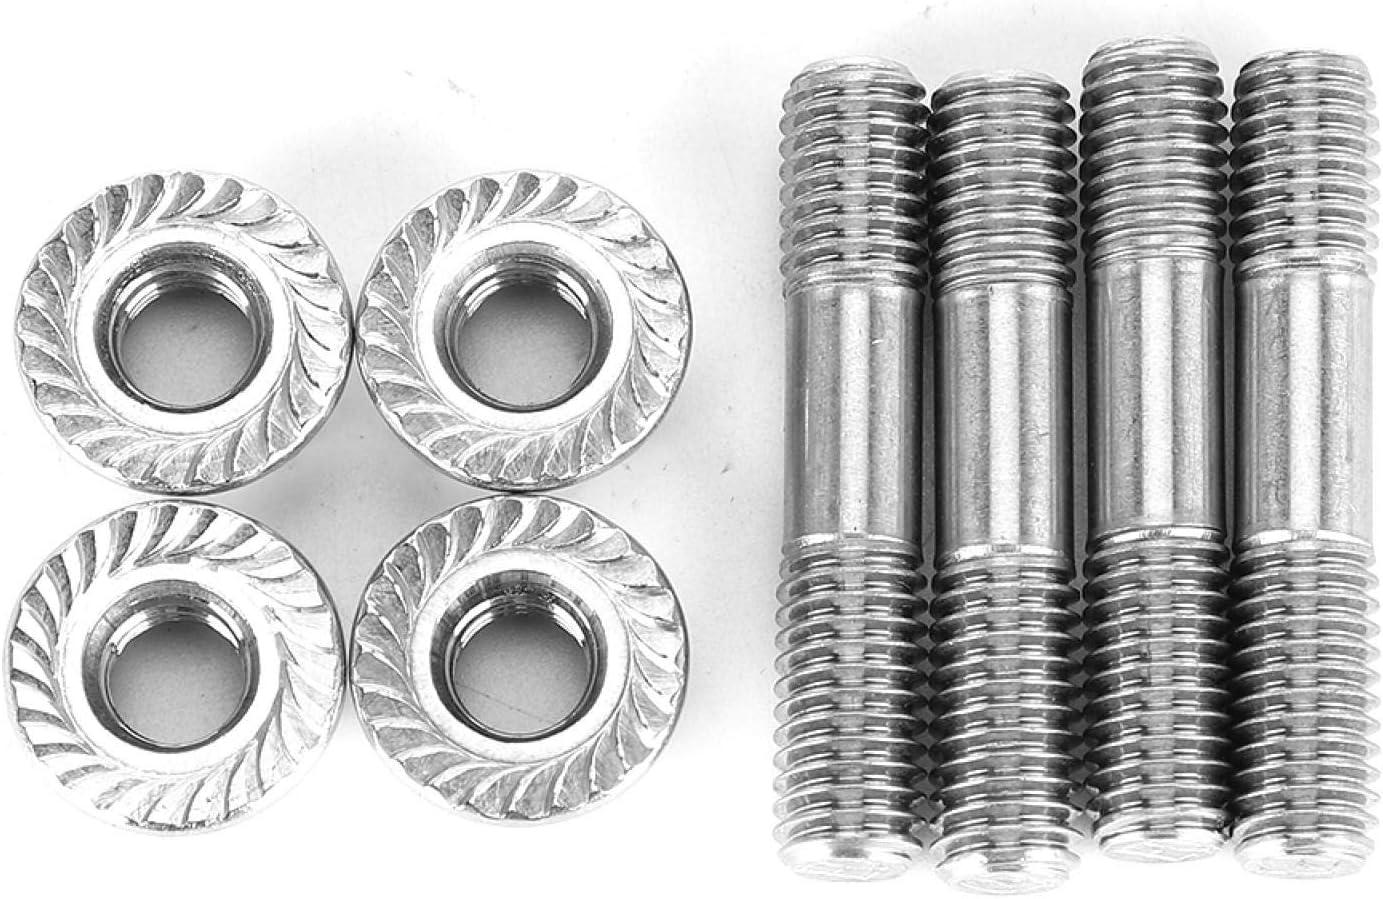 Espárragos de colector, tuercas de espárrago para sistema de escape de coche M8x1.25 42 mm/1.65 pulg.T25 T28 (4 piezas)